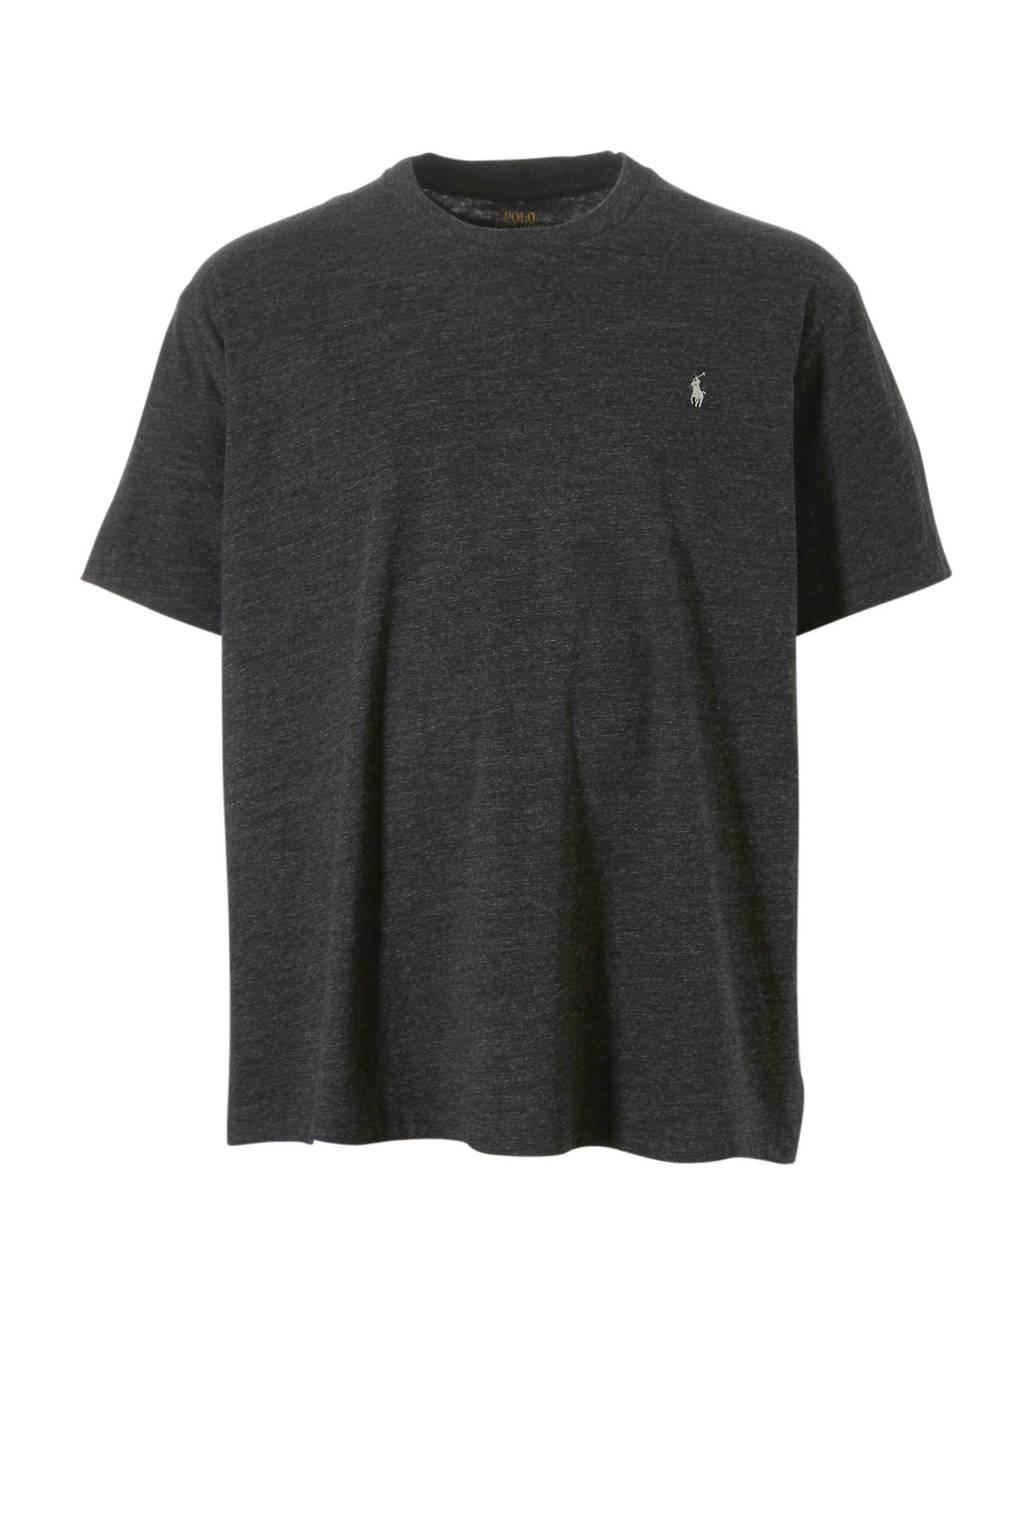 POLO Ralph Lauren Big & Tall +size T-shirt, Grijs melange